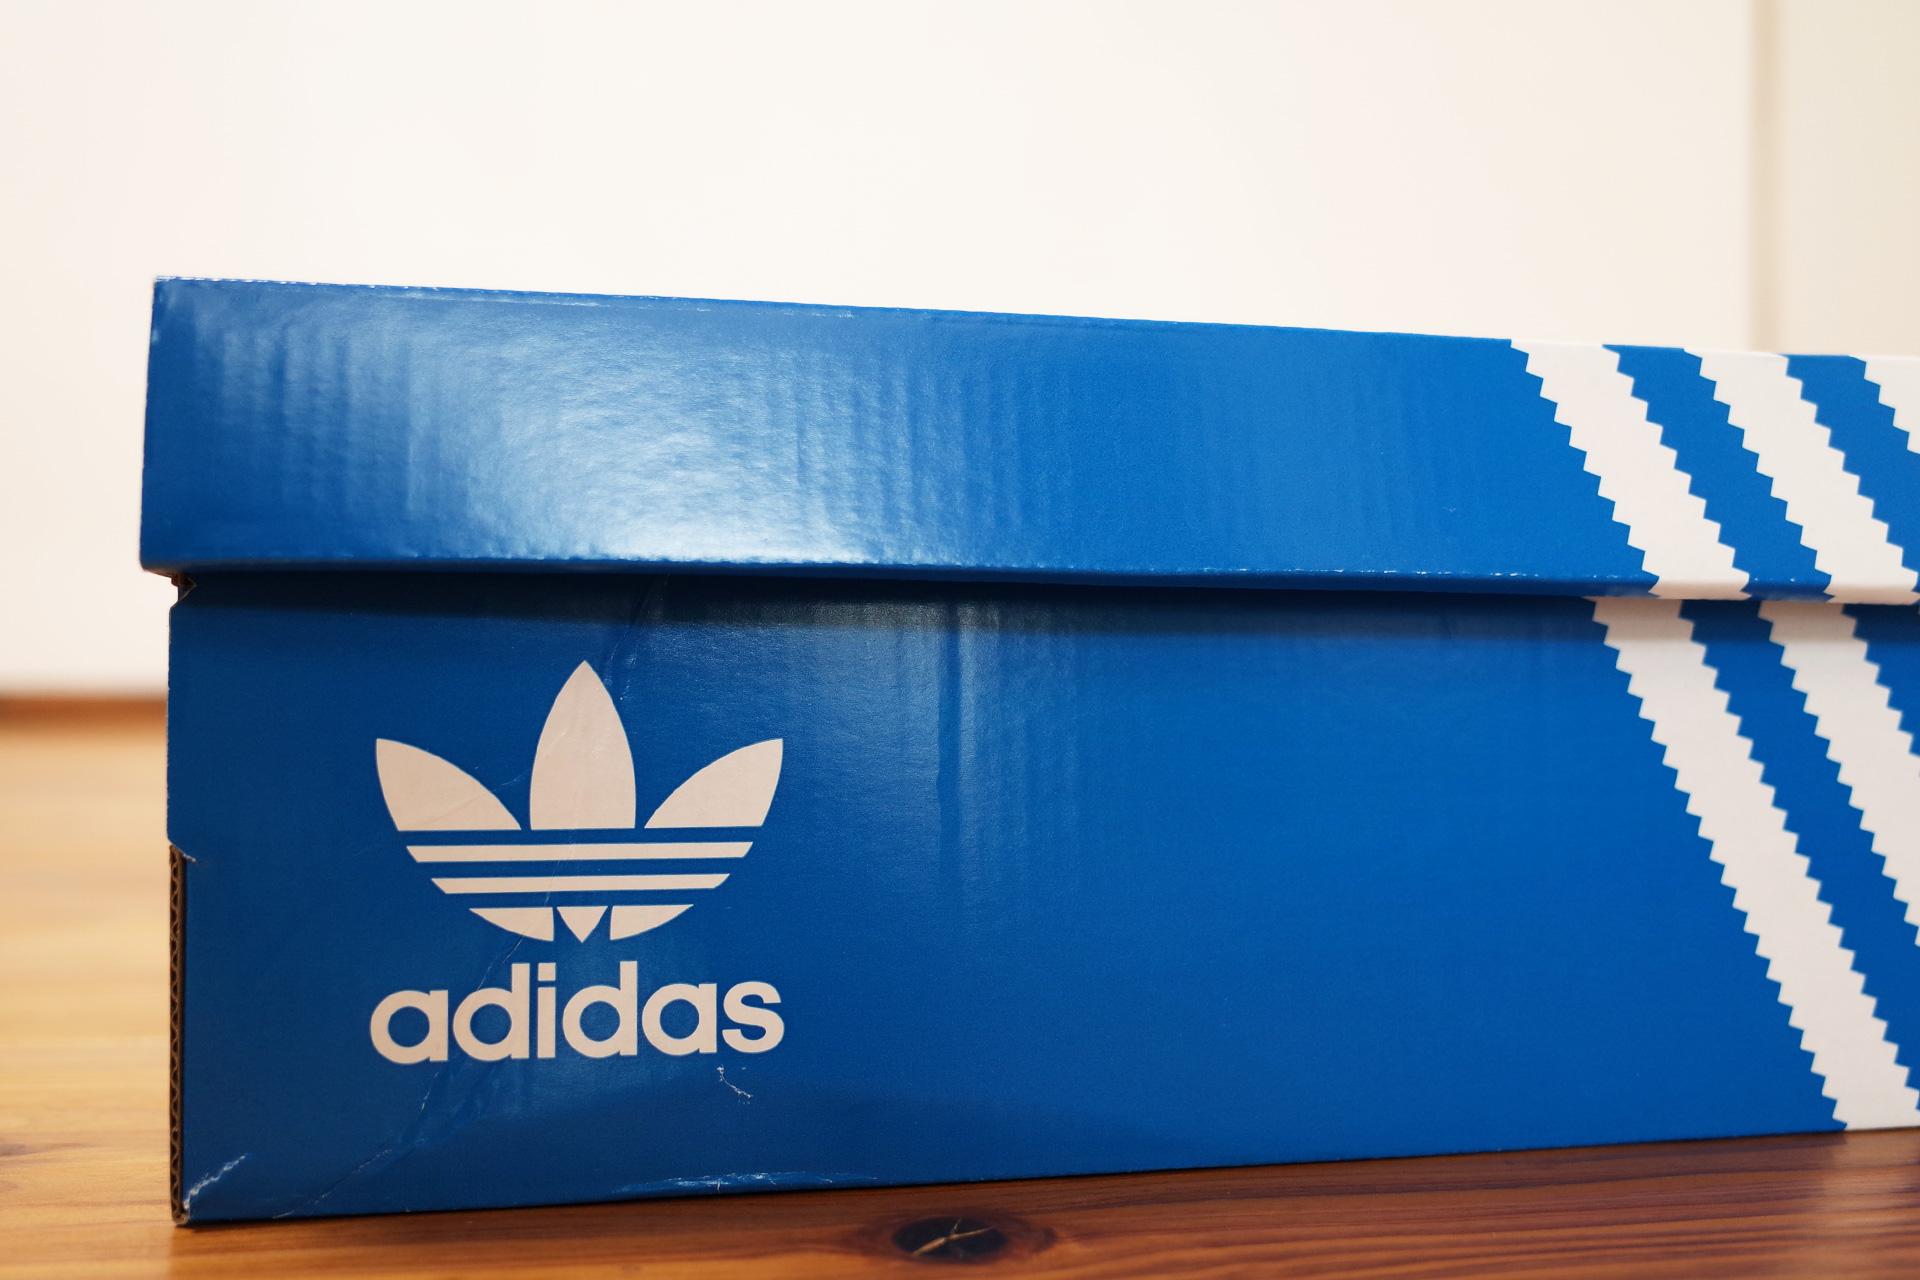 adidasアディダスオリジナルス CAMPUS キャンパス シューズ箱